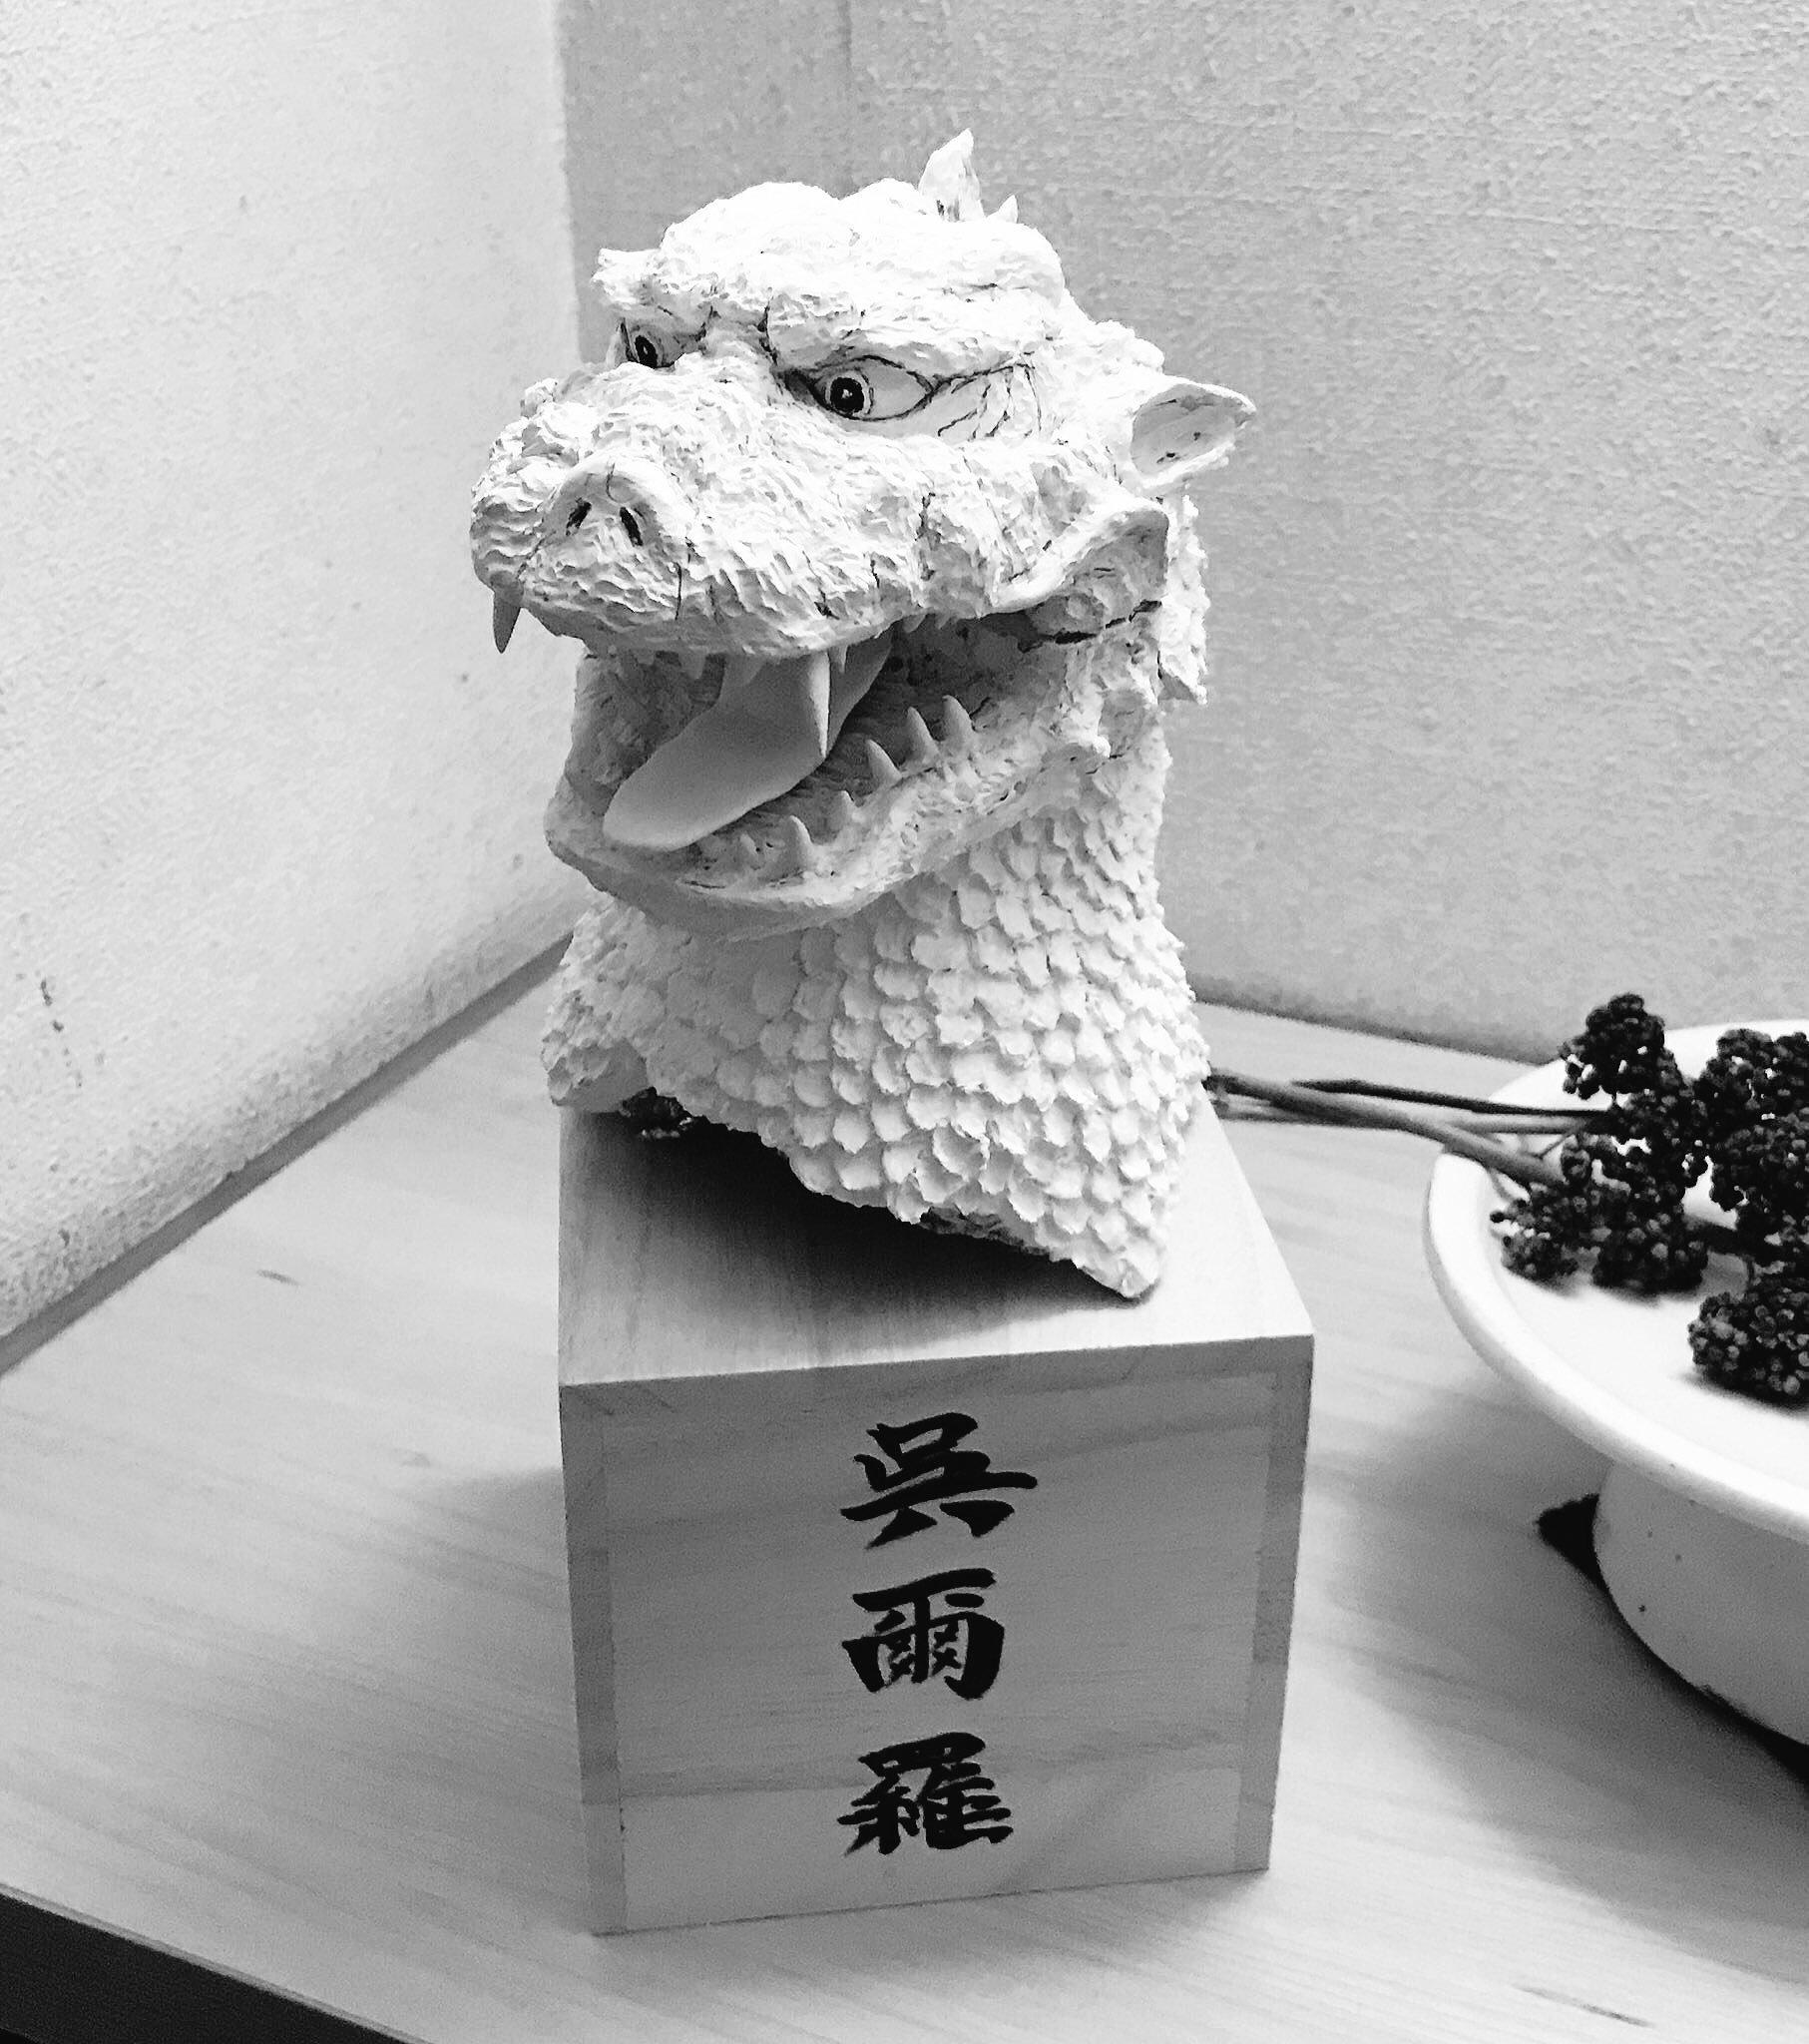 初代ゴジラ〜ピクトリアルスケッチより_f0227010_15062767.jpg